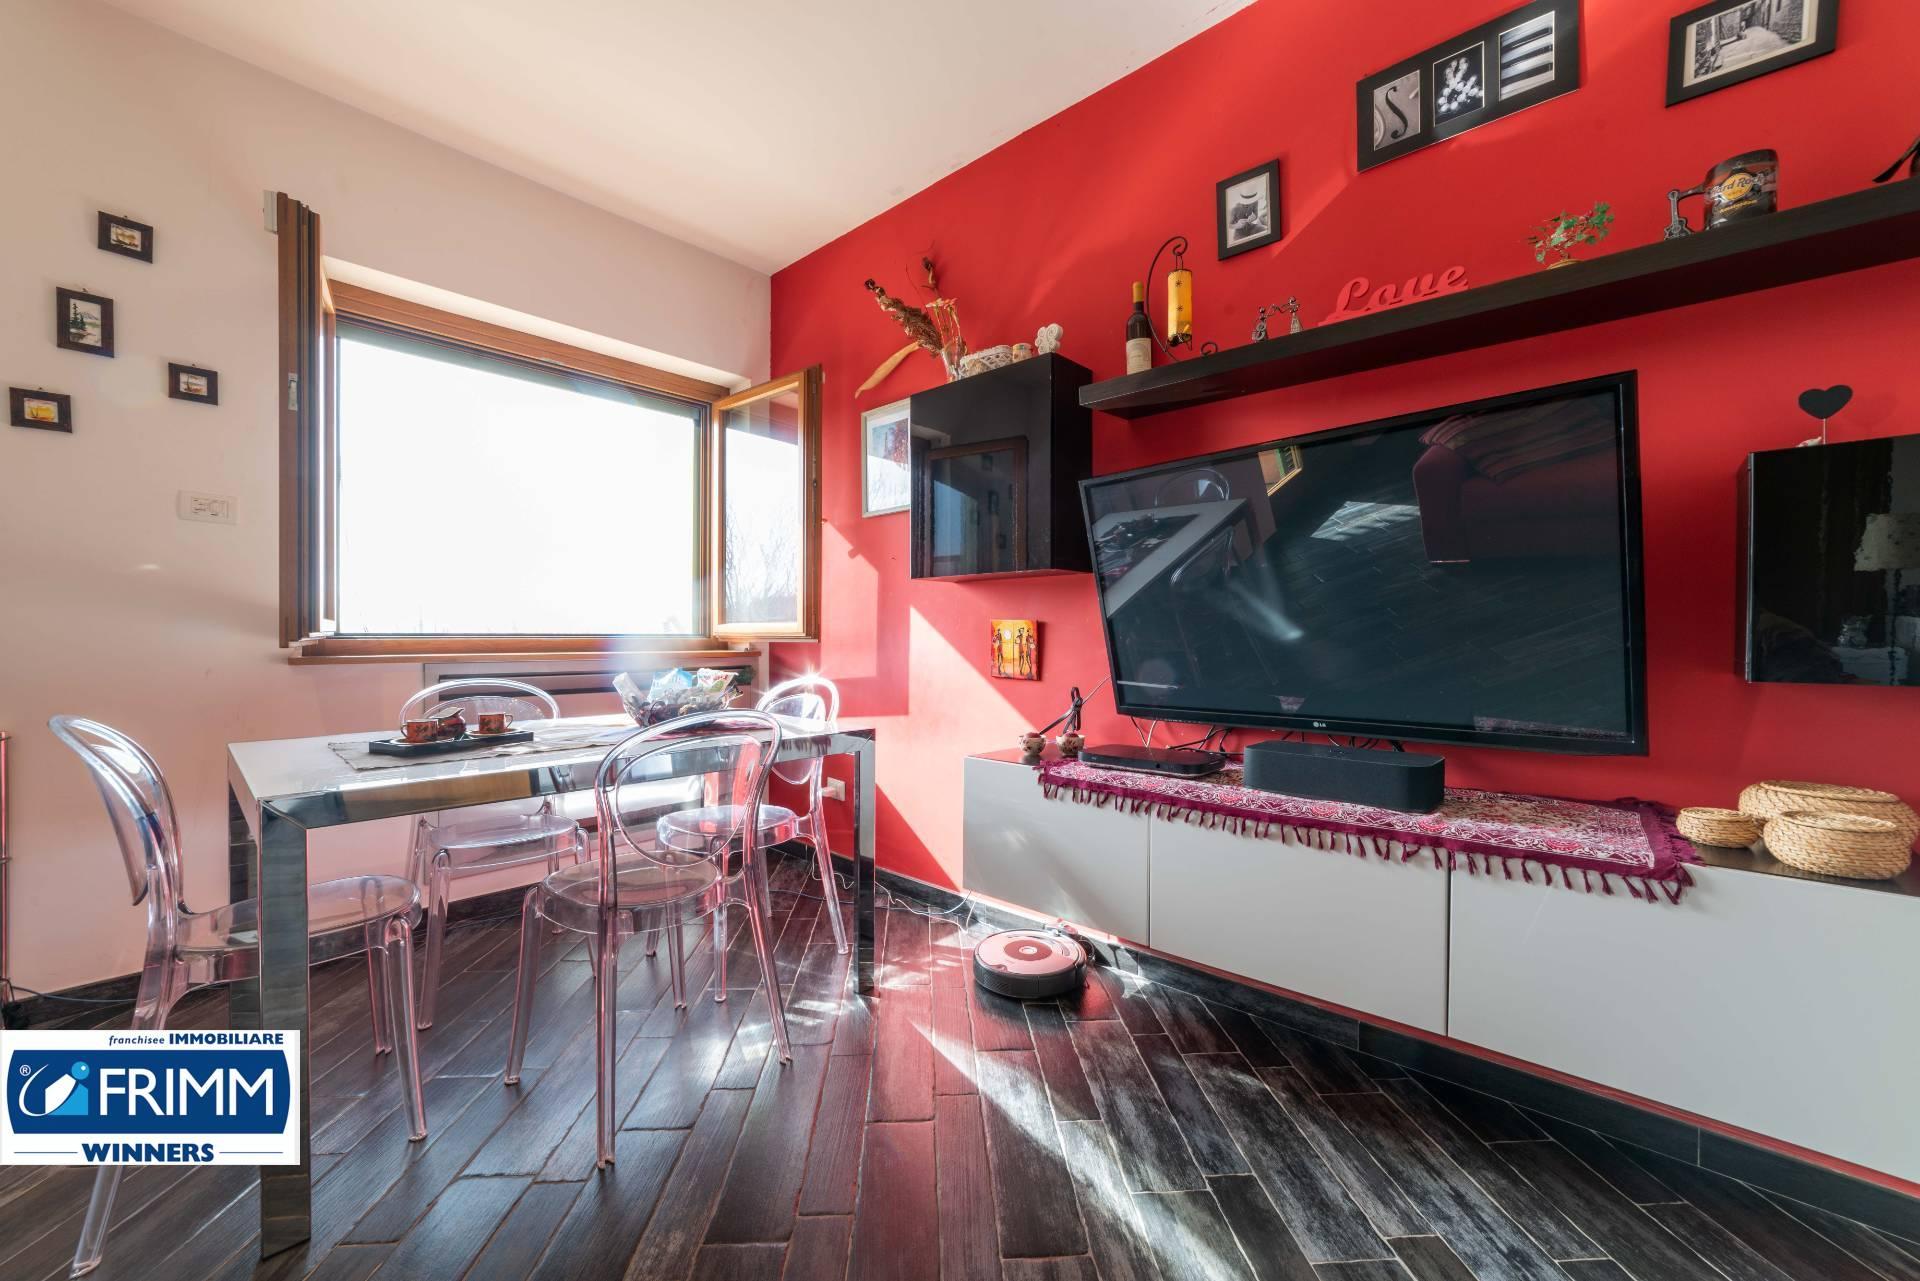 Appartamento in vendita a Roma, 2 locali, zona Zona: 41 . Castel di Guido - Casalotti - Valle Santa, prezzo € 190.000 | CambioCasa.it